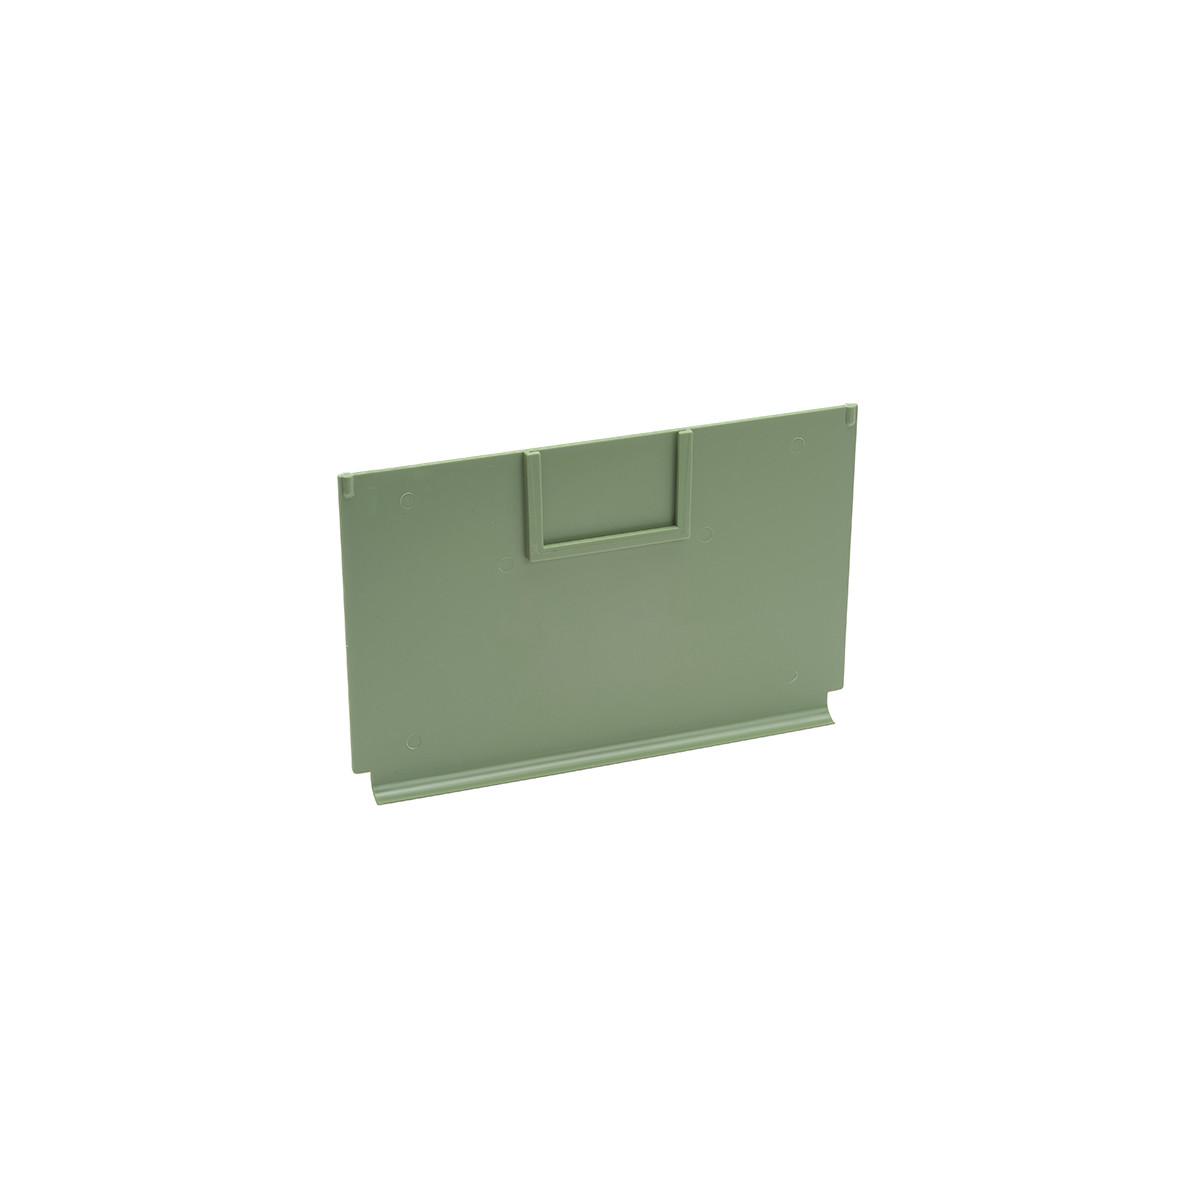 trennwand f r regal lagerkasten typ 3 mit eitkettenrahmen. Black Bedroom Furniture Sets. Home Design Ideas